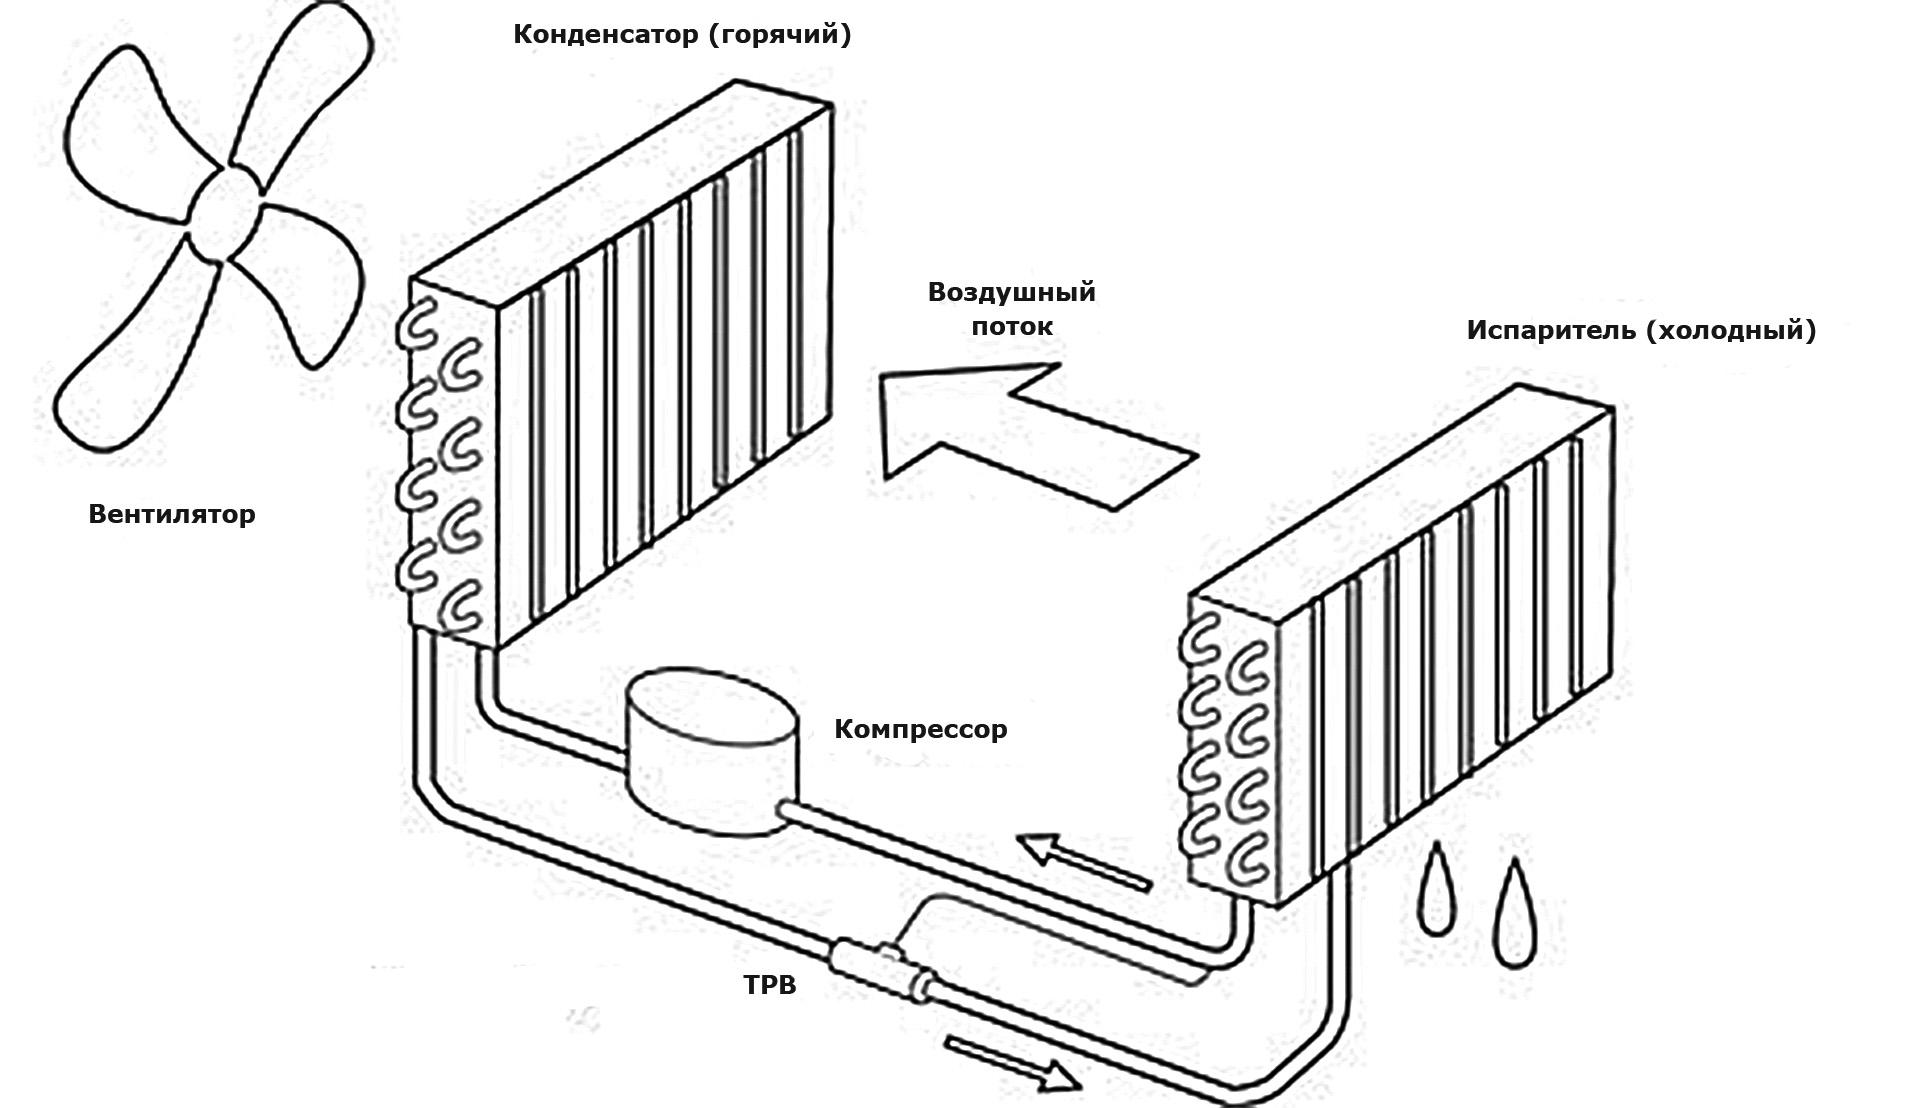 Принцип работы конденсационного осушителя